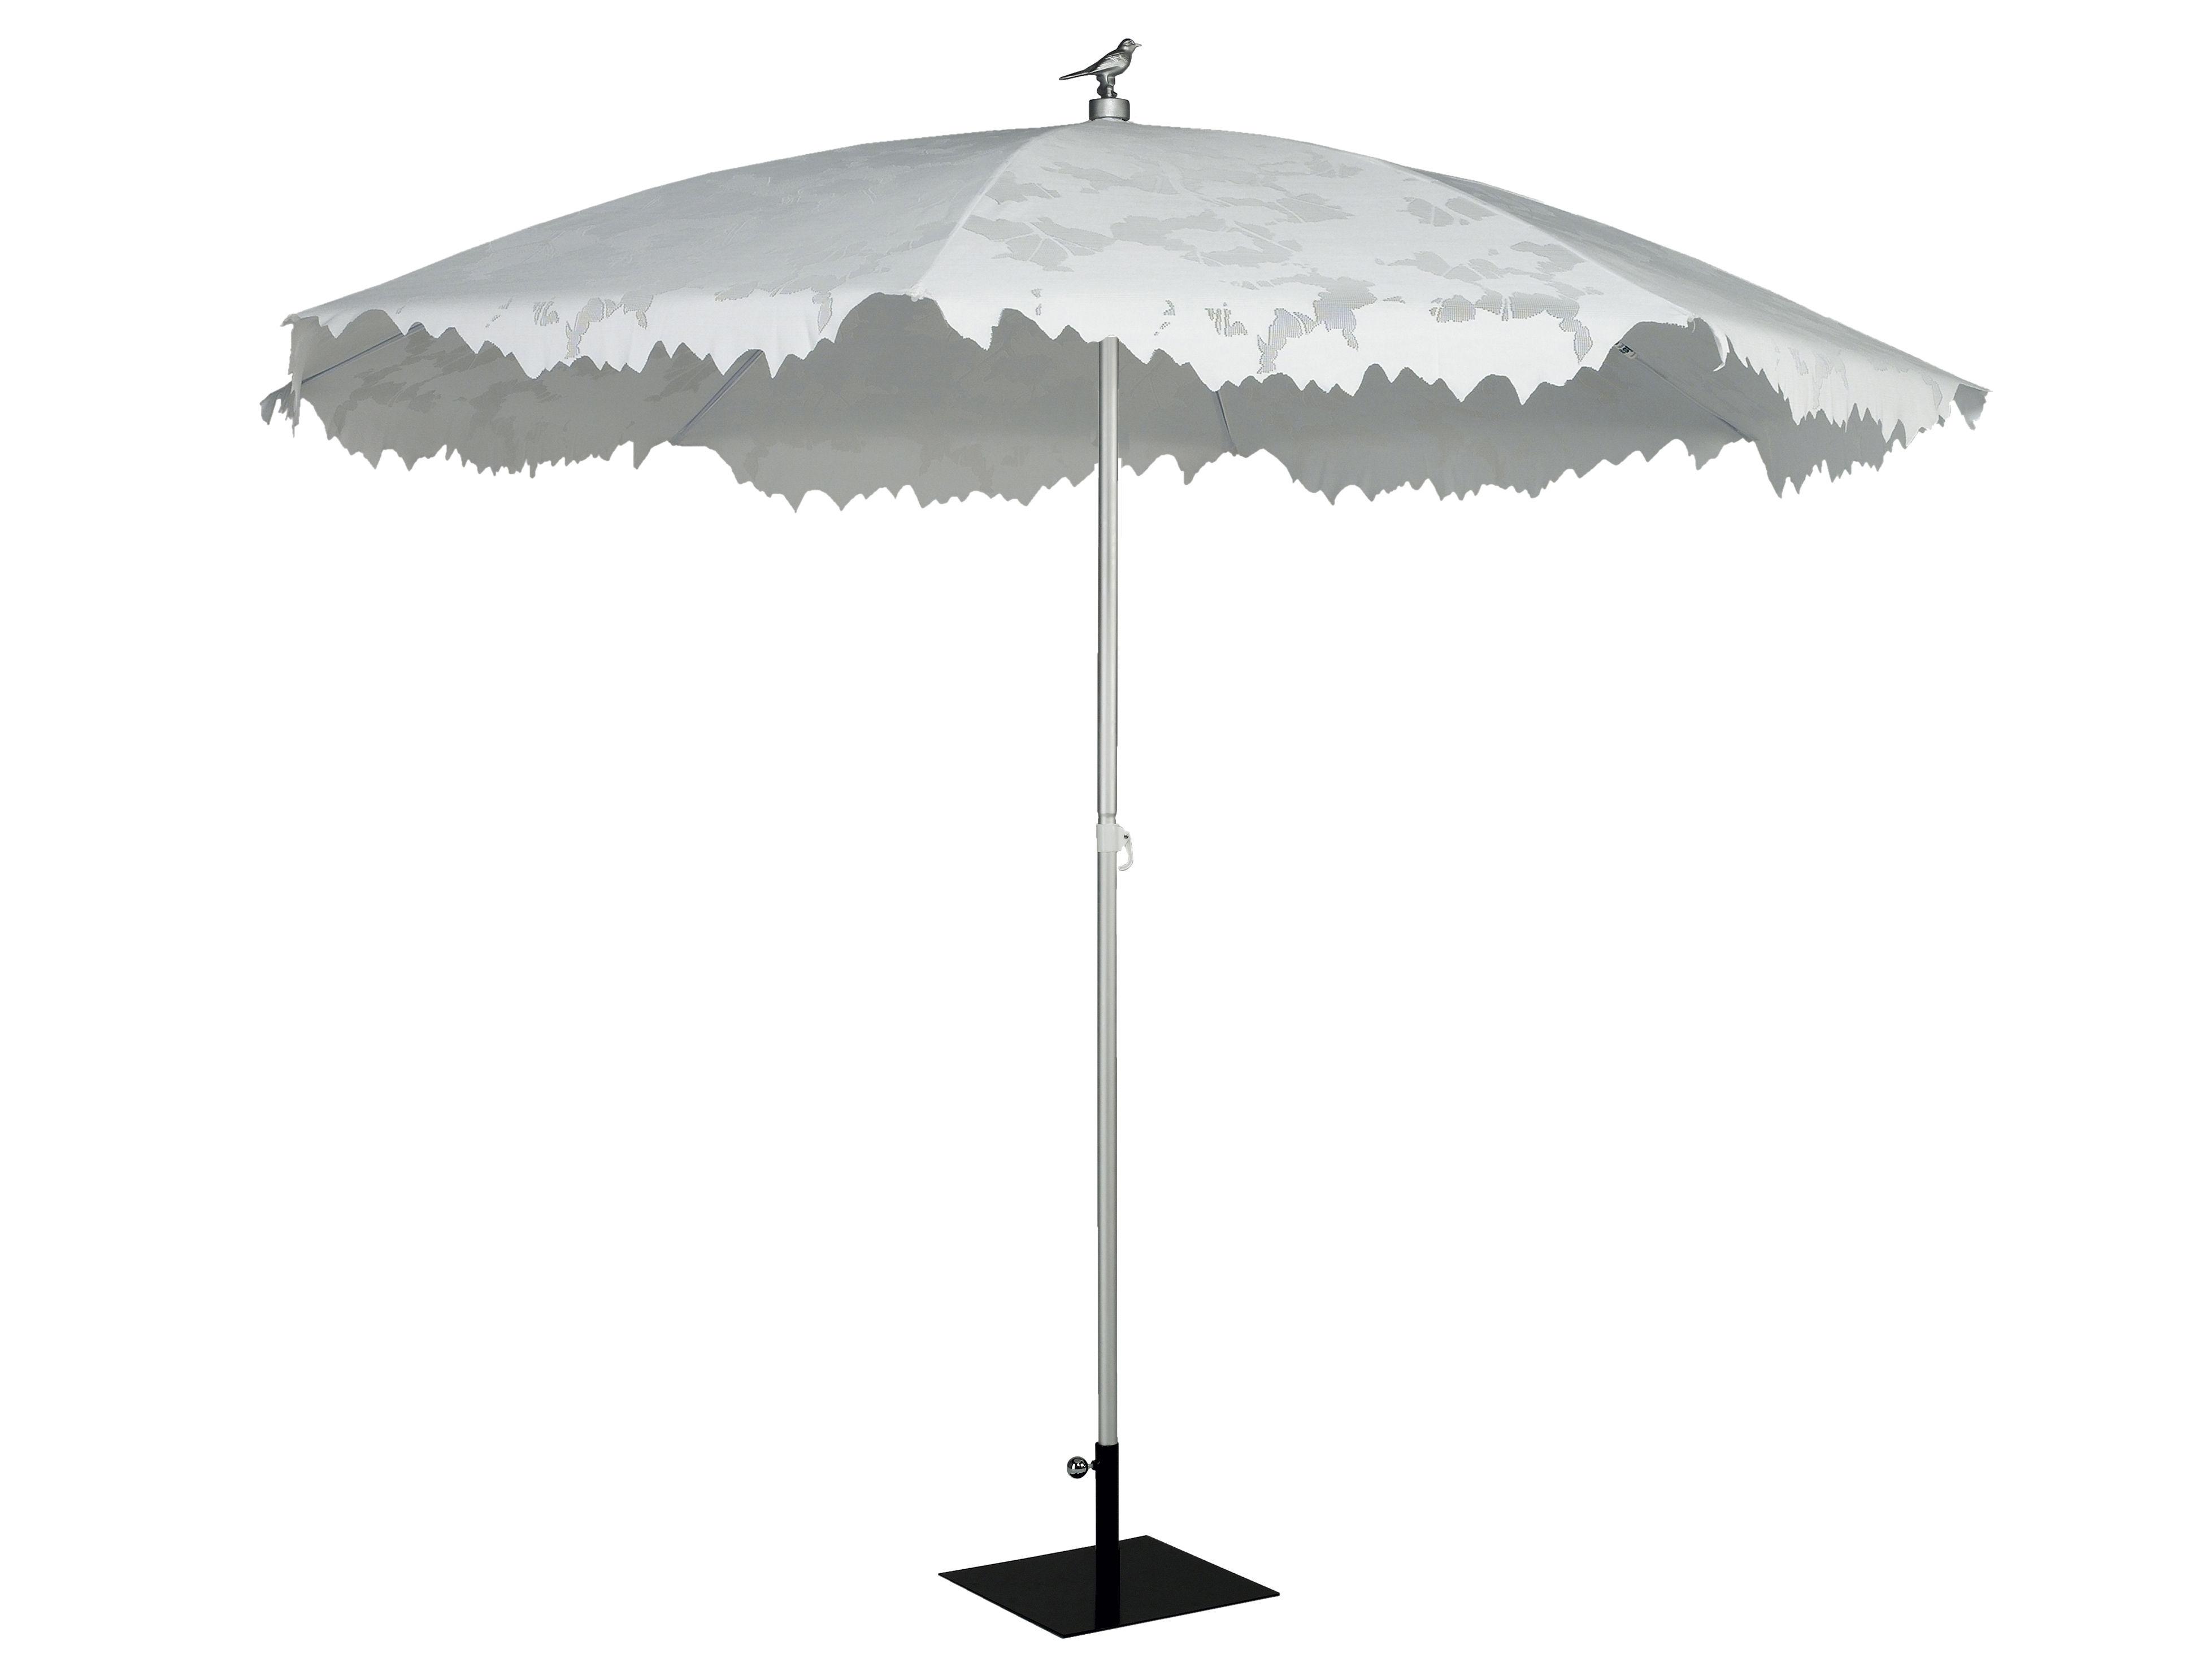 Outdoor - Ombrelloni - Ombrellone Shadylace XL - Ø 350 cm di Symo - Ombrellone bianco / palo alluminio / uccello argento - Alluminio anodizzato, Tela poliestere